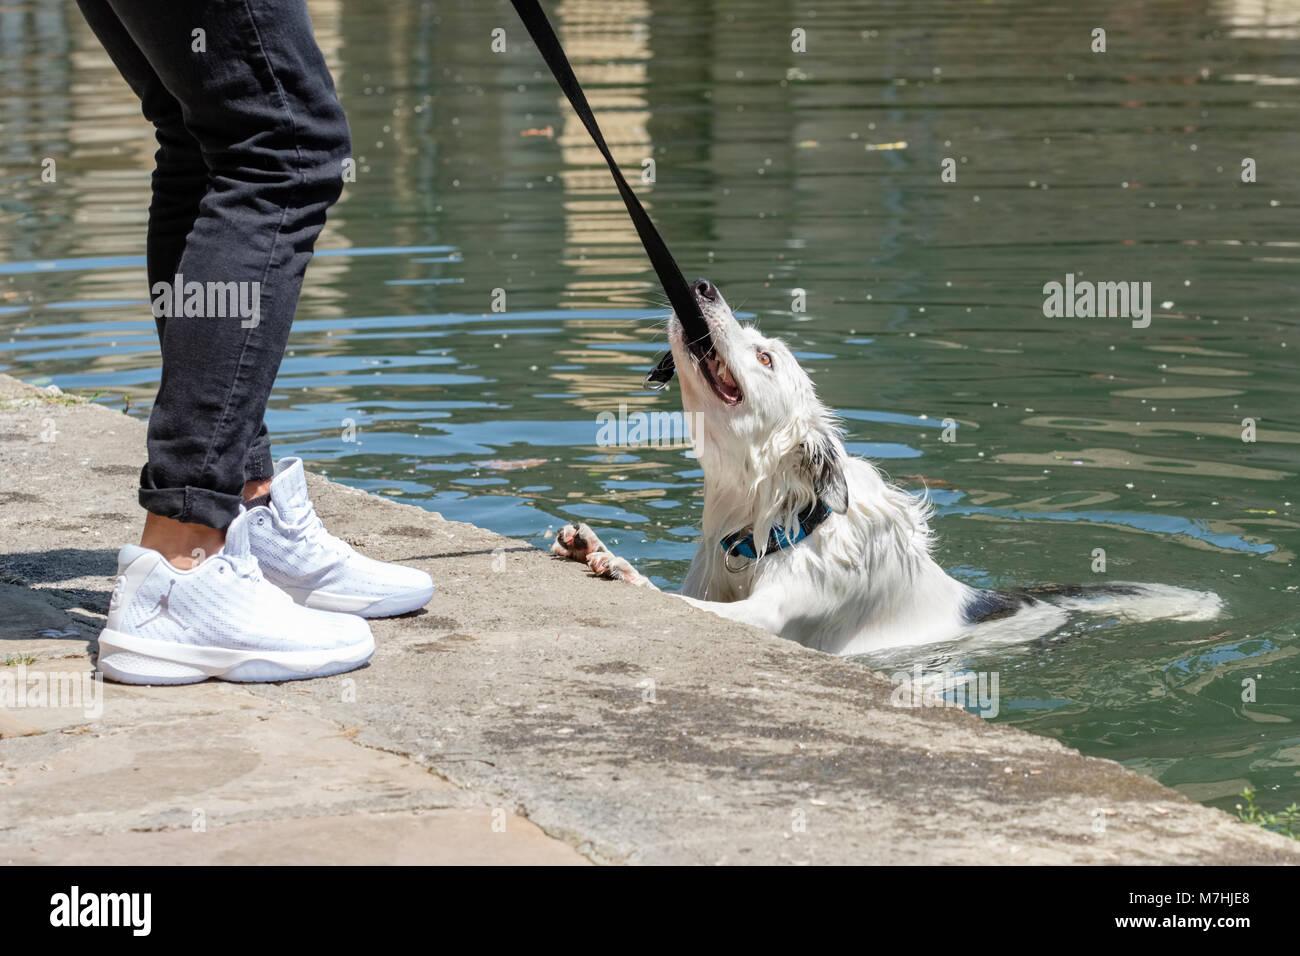 Perro Mascota dentro y fuera del río Ibaizabal, Durango, Vizcaya, País Vasco, España Imagen De Stock